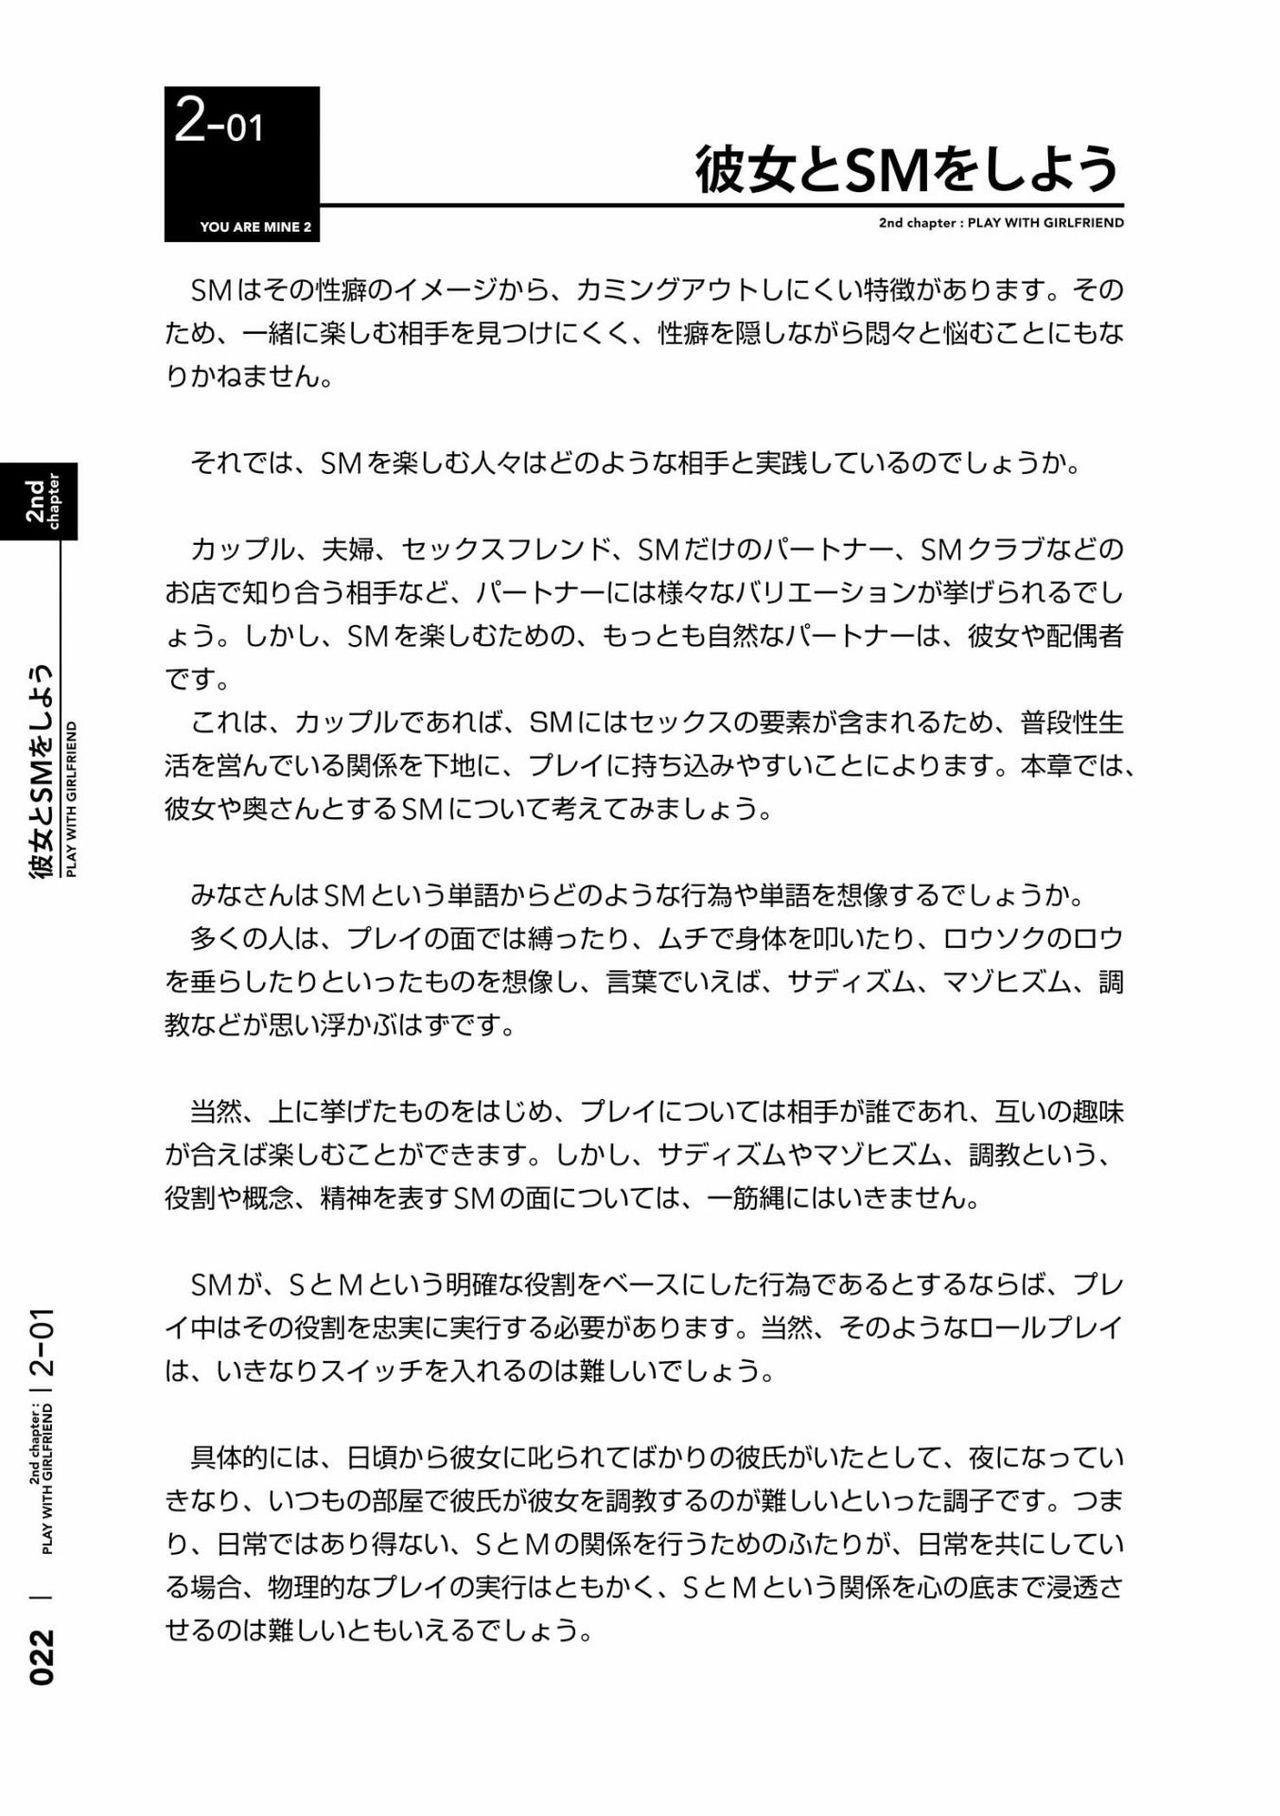 [Mitsuba] Karada mo Kokoro mo Boku no Mono ~Hajimete no SM Guide~ 2 [Digital] 24